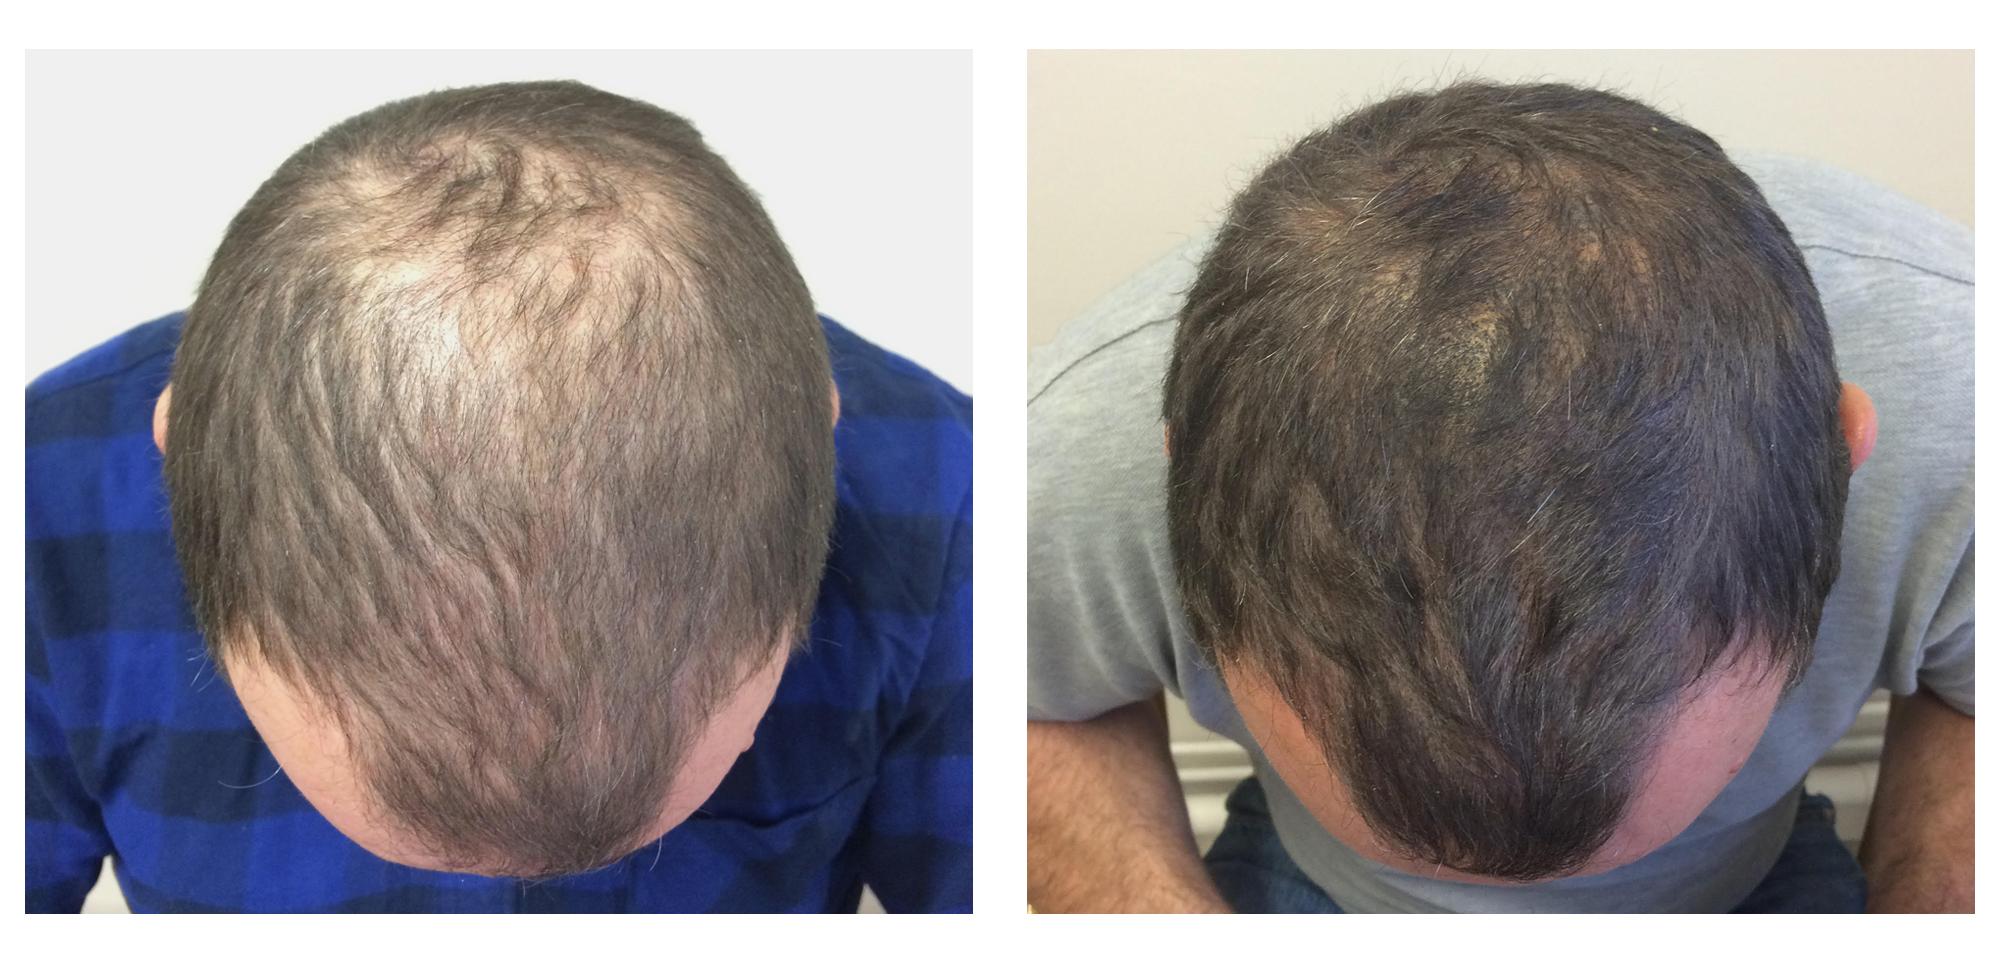 Traitement d'une perte de densité masculine par tricopigmentation